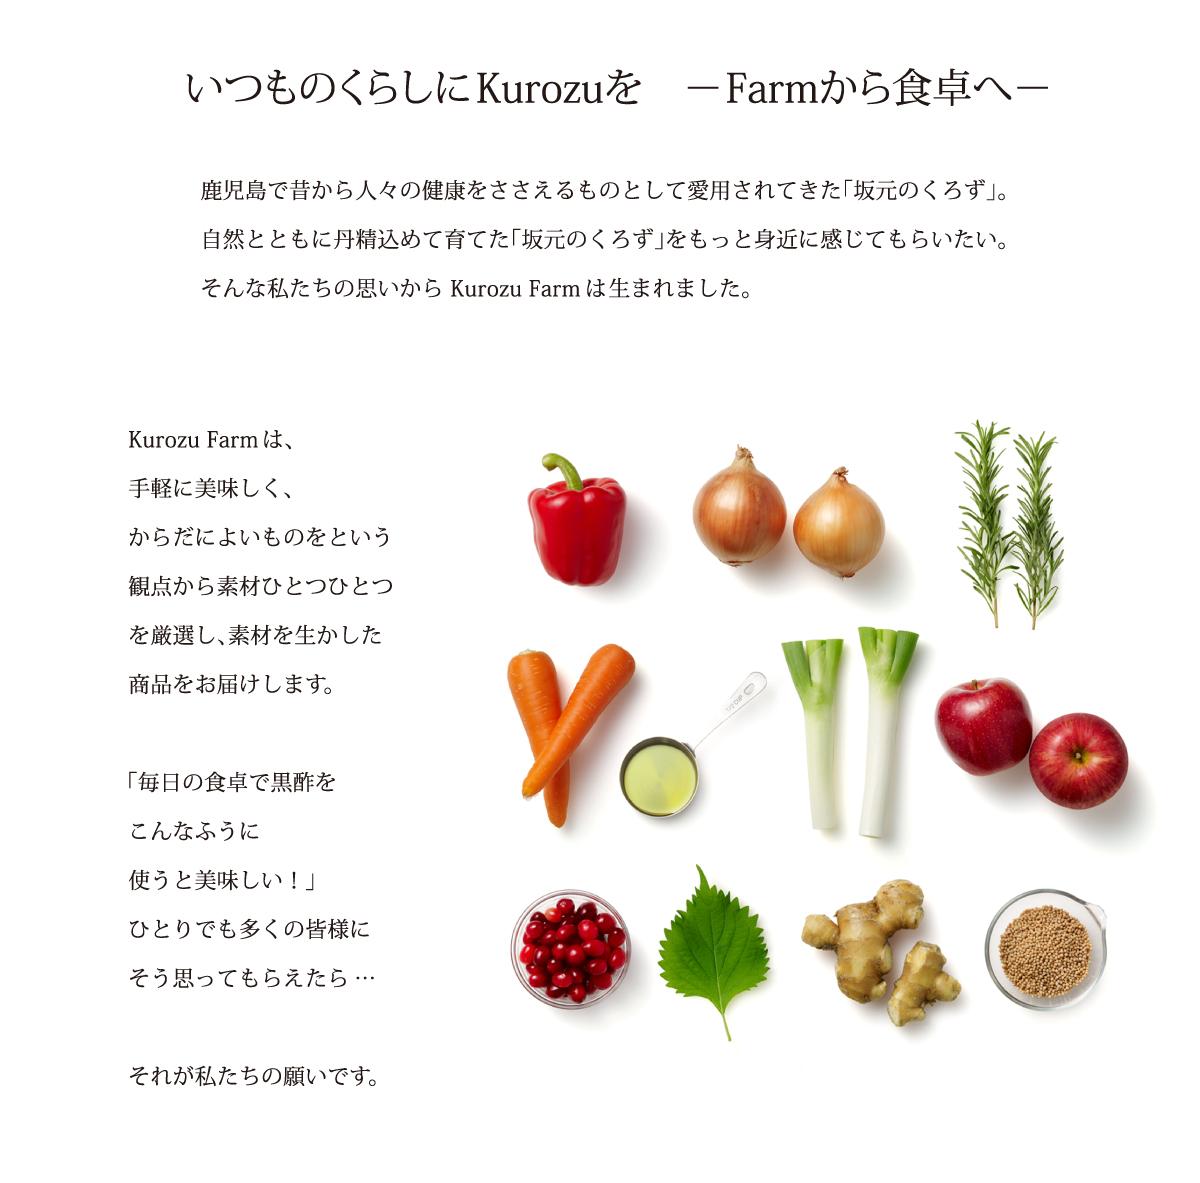 いつものくらしにKurozuを -Farmから食卓へ- 鹿児島で昔から人々の健康をささえるものとして愛用されてきた「坂元のくろず」。自然とともに丹精込めて育てた「坂元のくろず」をもっと身近に感じてもらいたい。そんな私たちの思いから Kurozu Farmは生まれました。